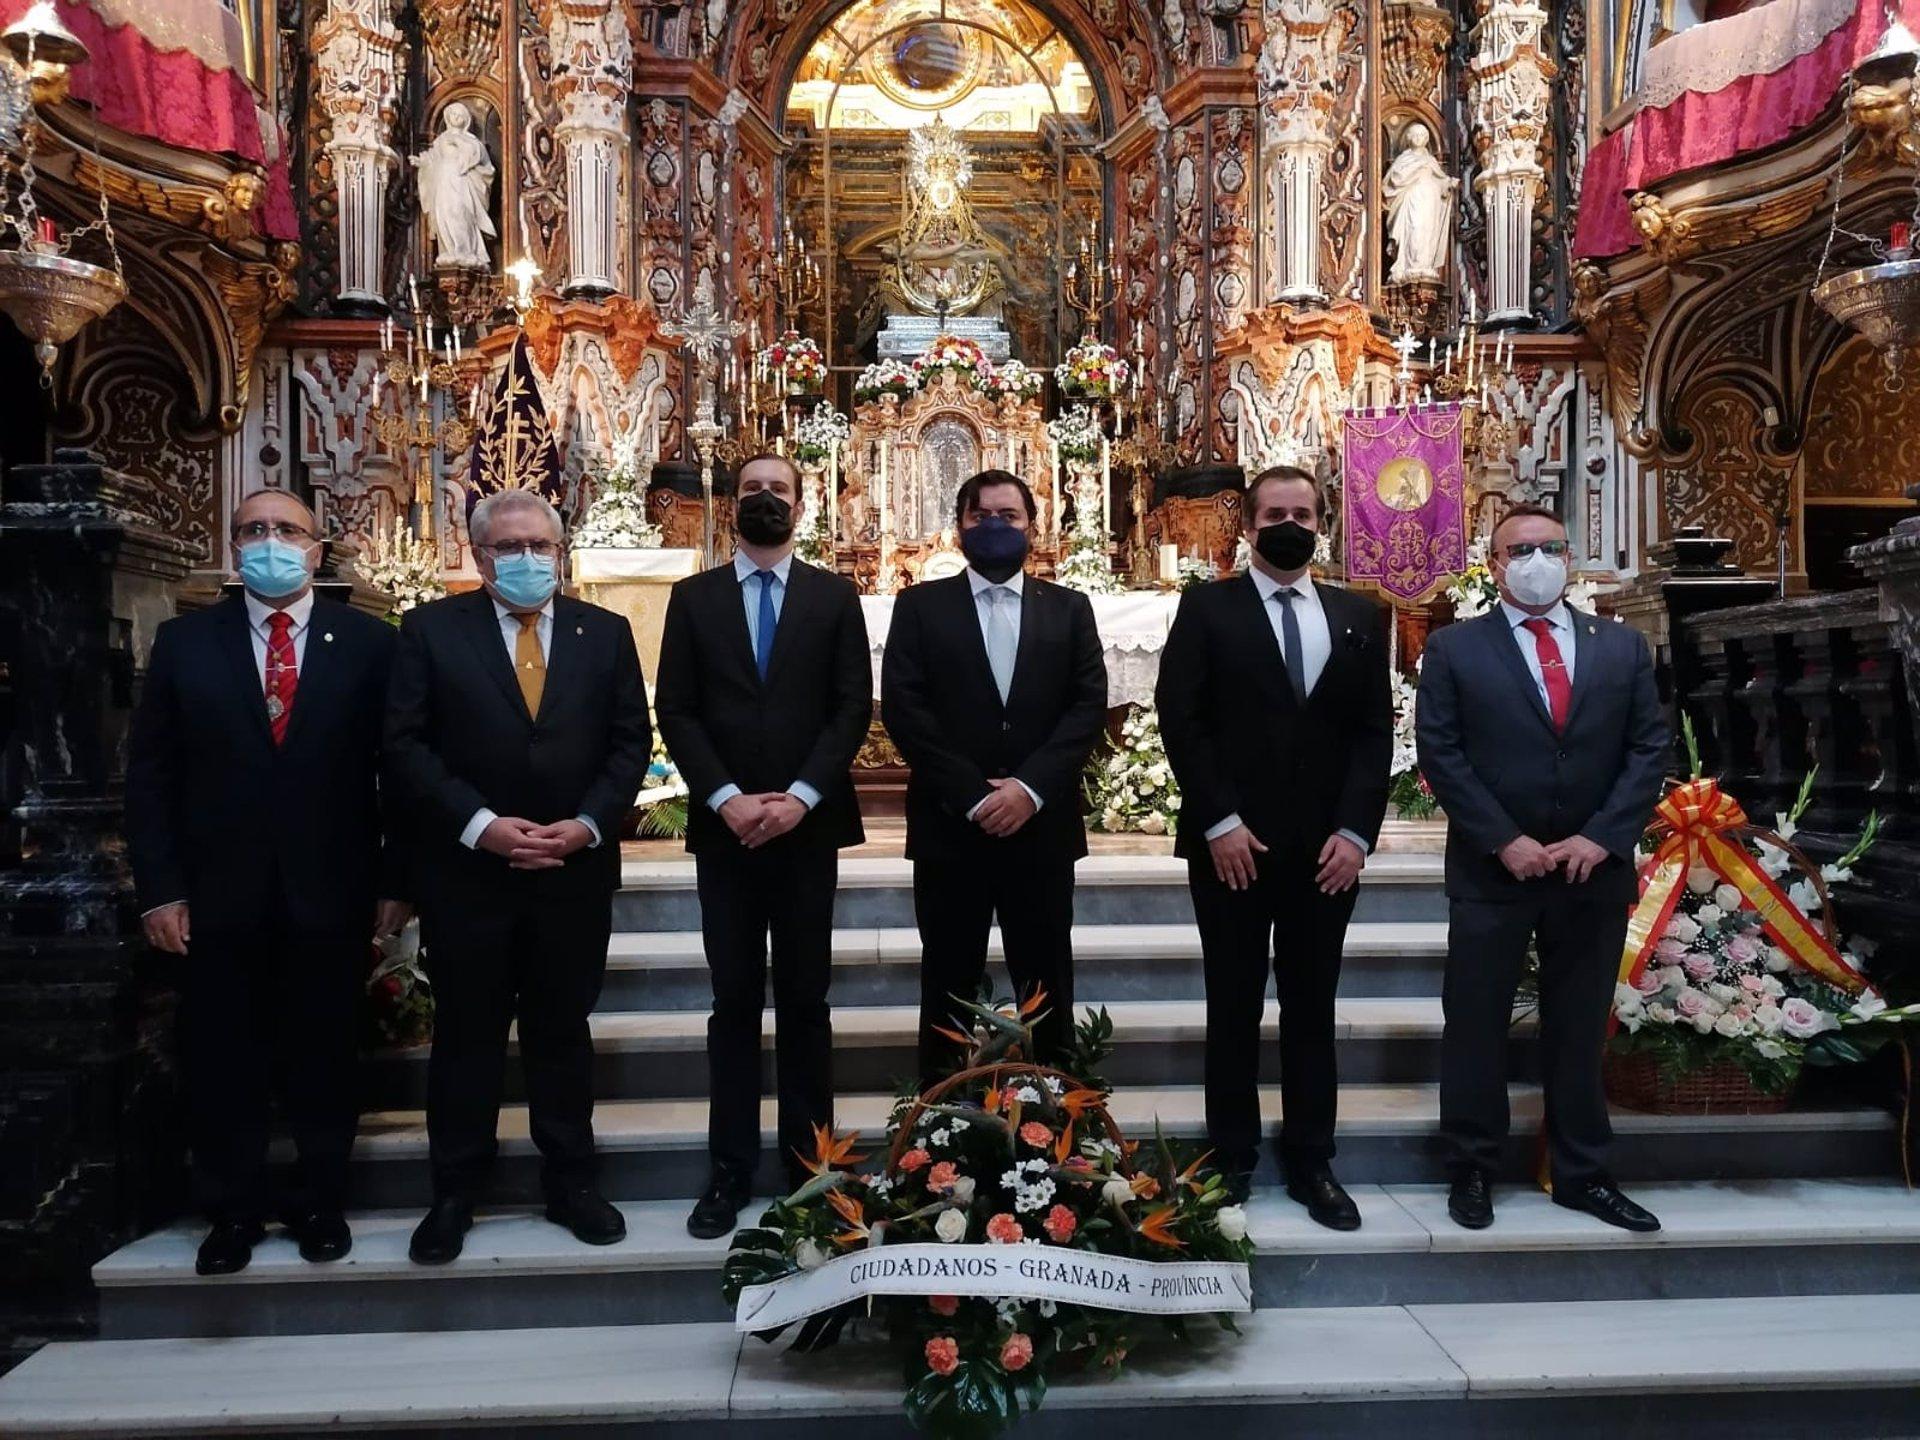 Cs señala que el PSOE pretende «confrontar y confundir» ante la festividad de la Patrona